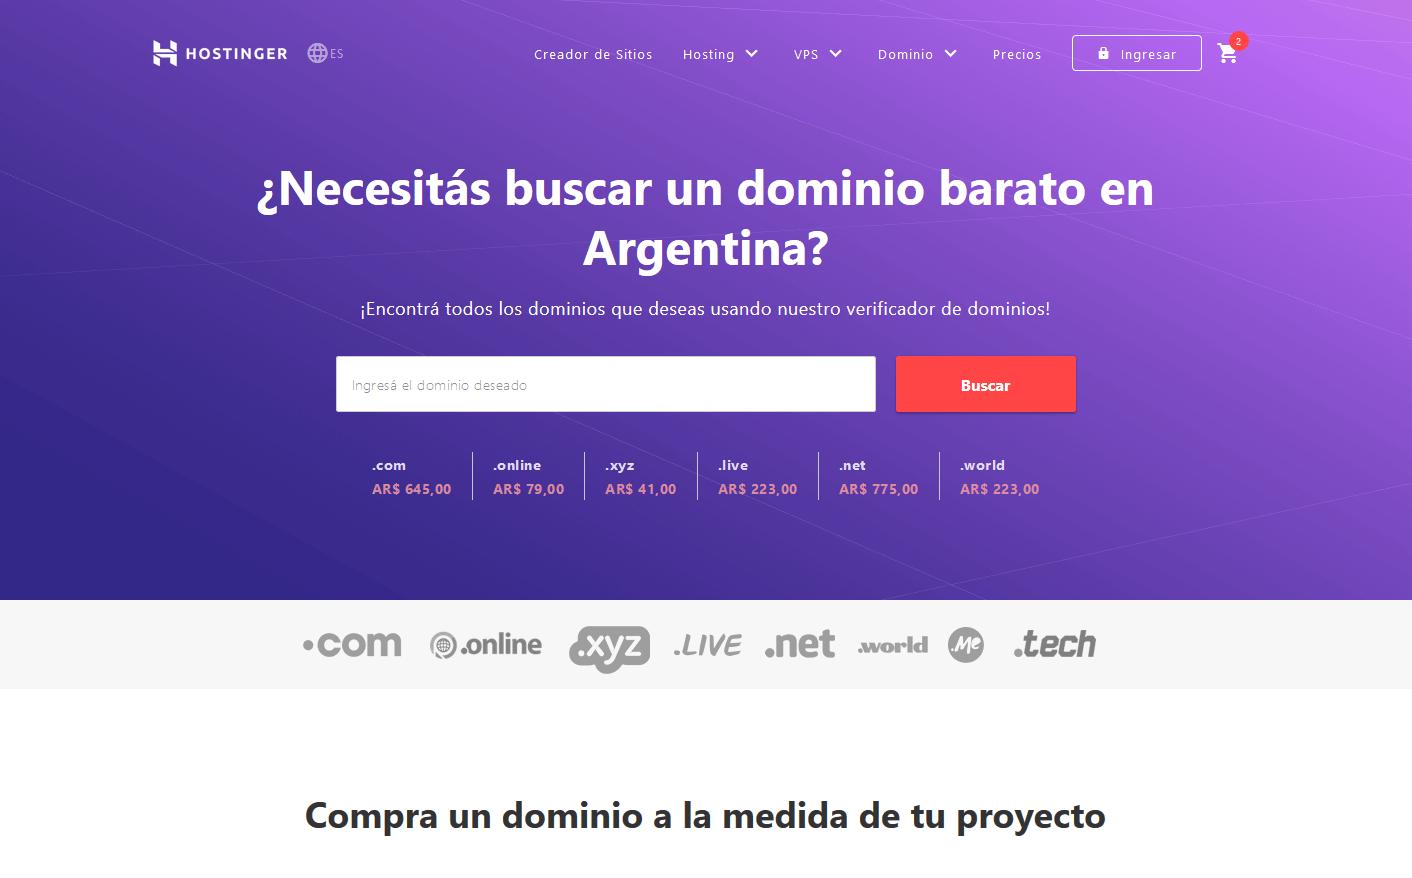 cupones hostinger argentina descuentos - Hosting Argentina Rápido y Potente (19)